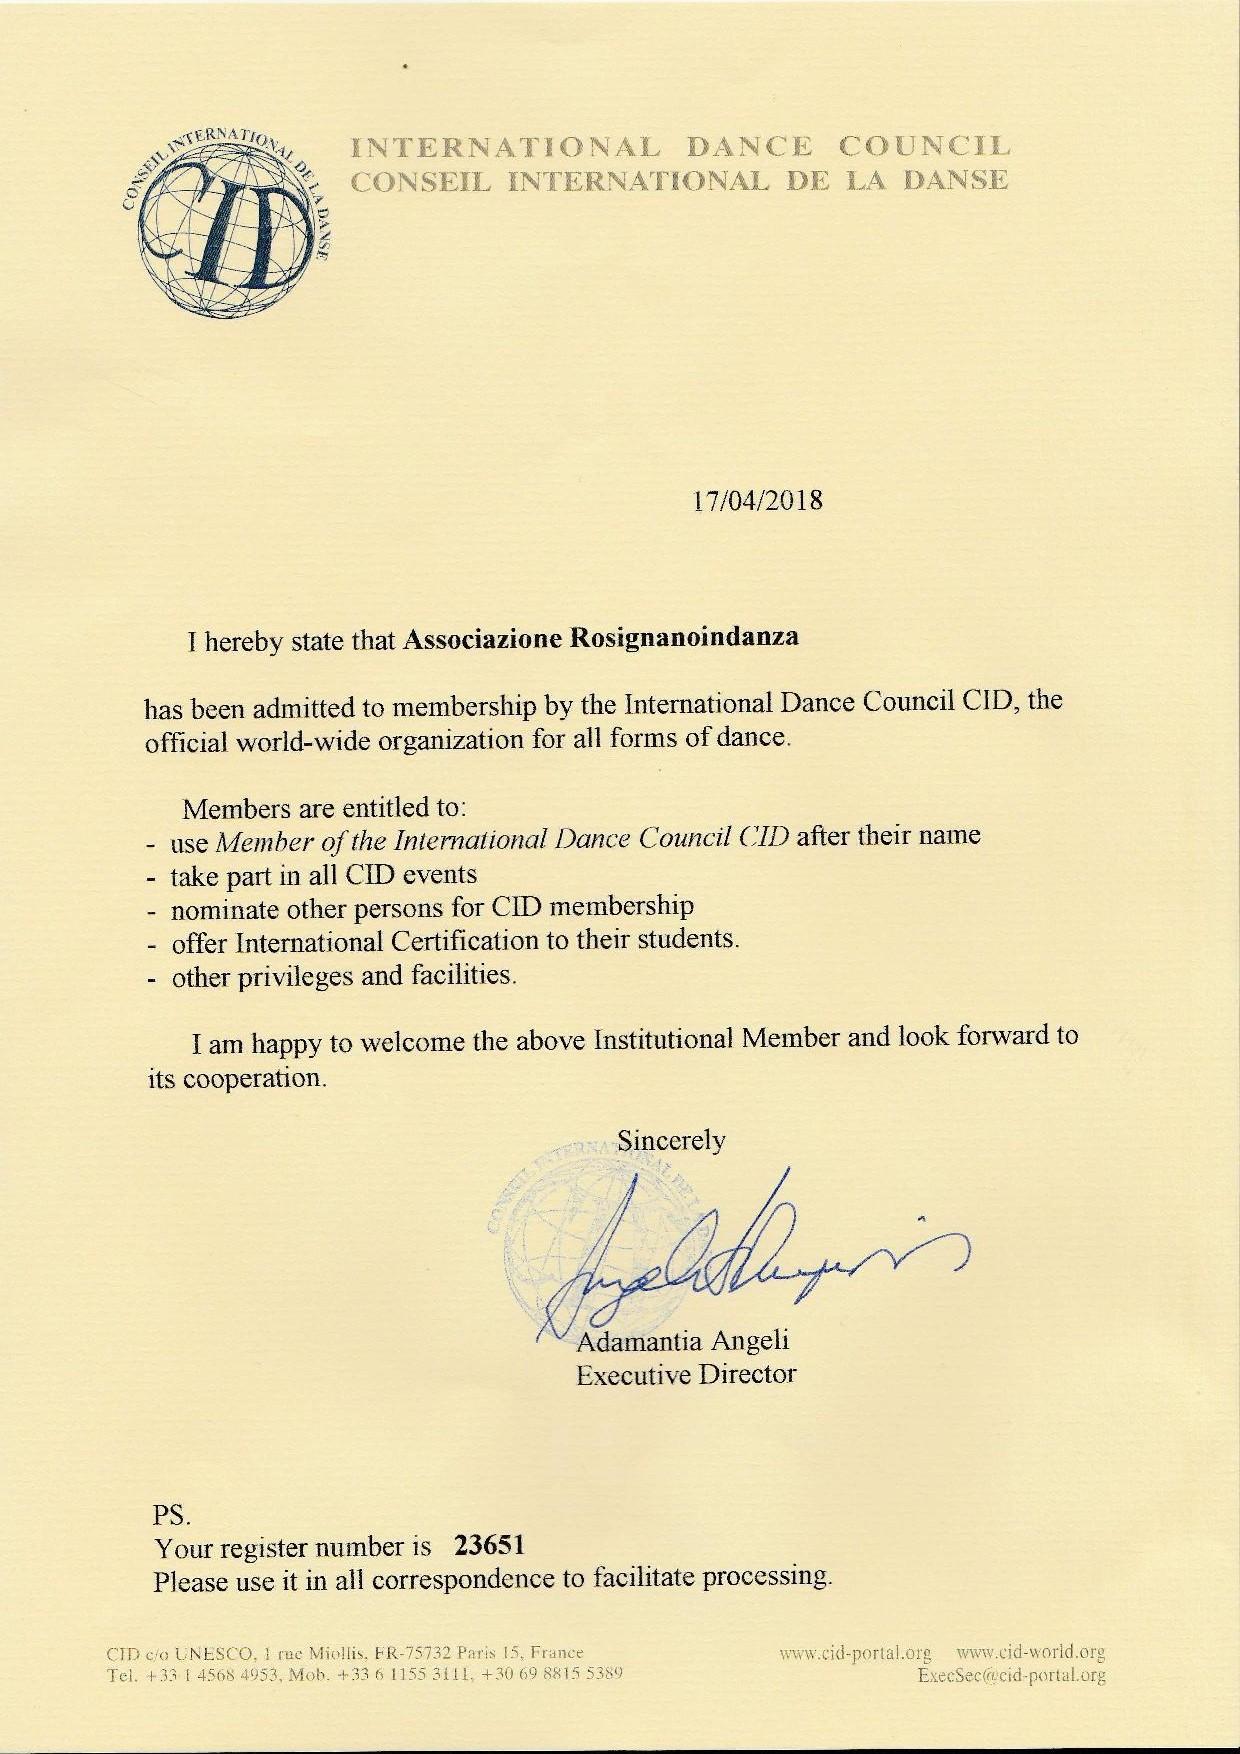 Lettera Cid Rosignanoindanza-page-001